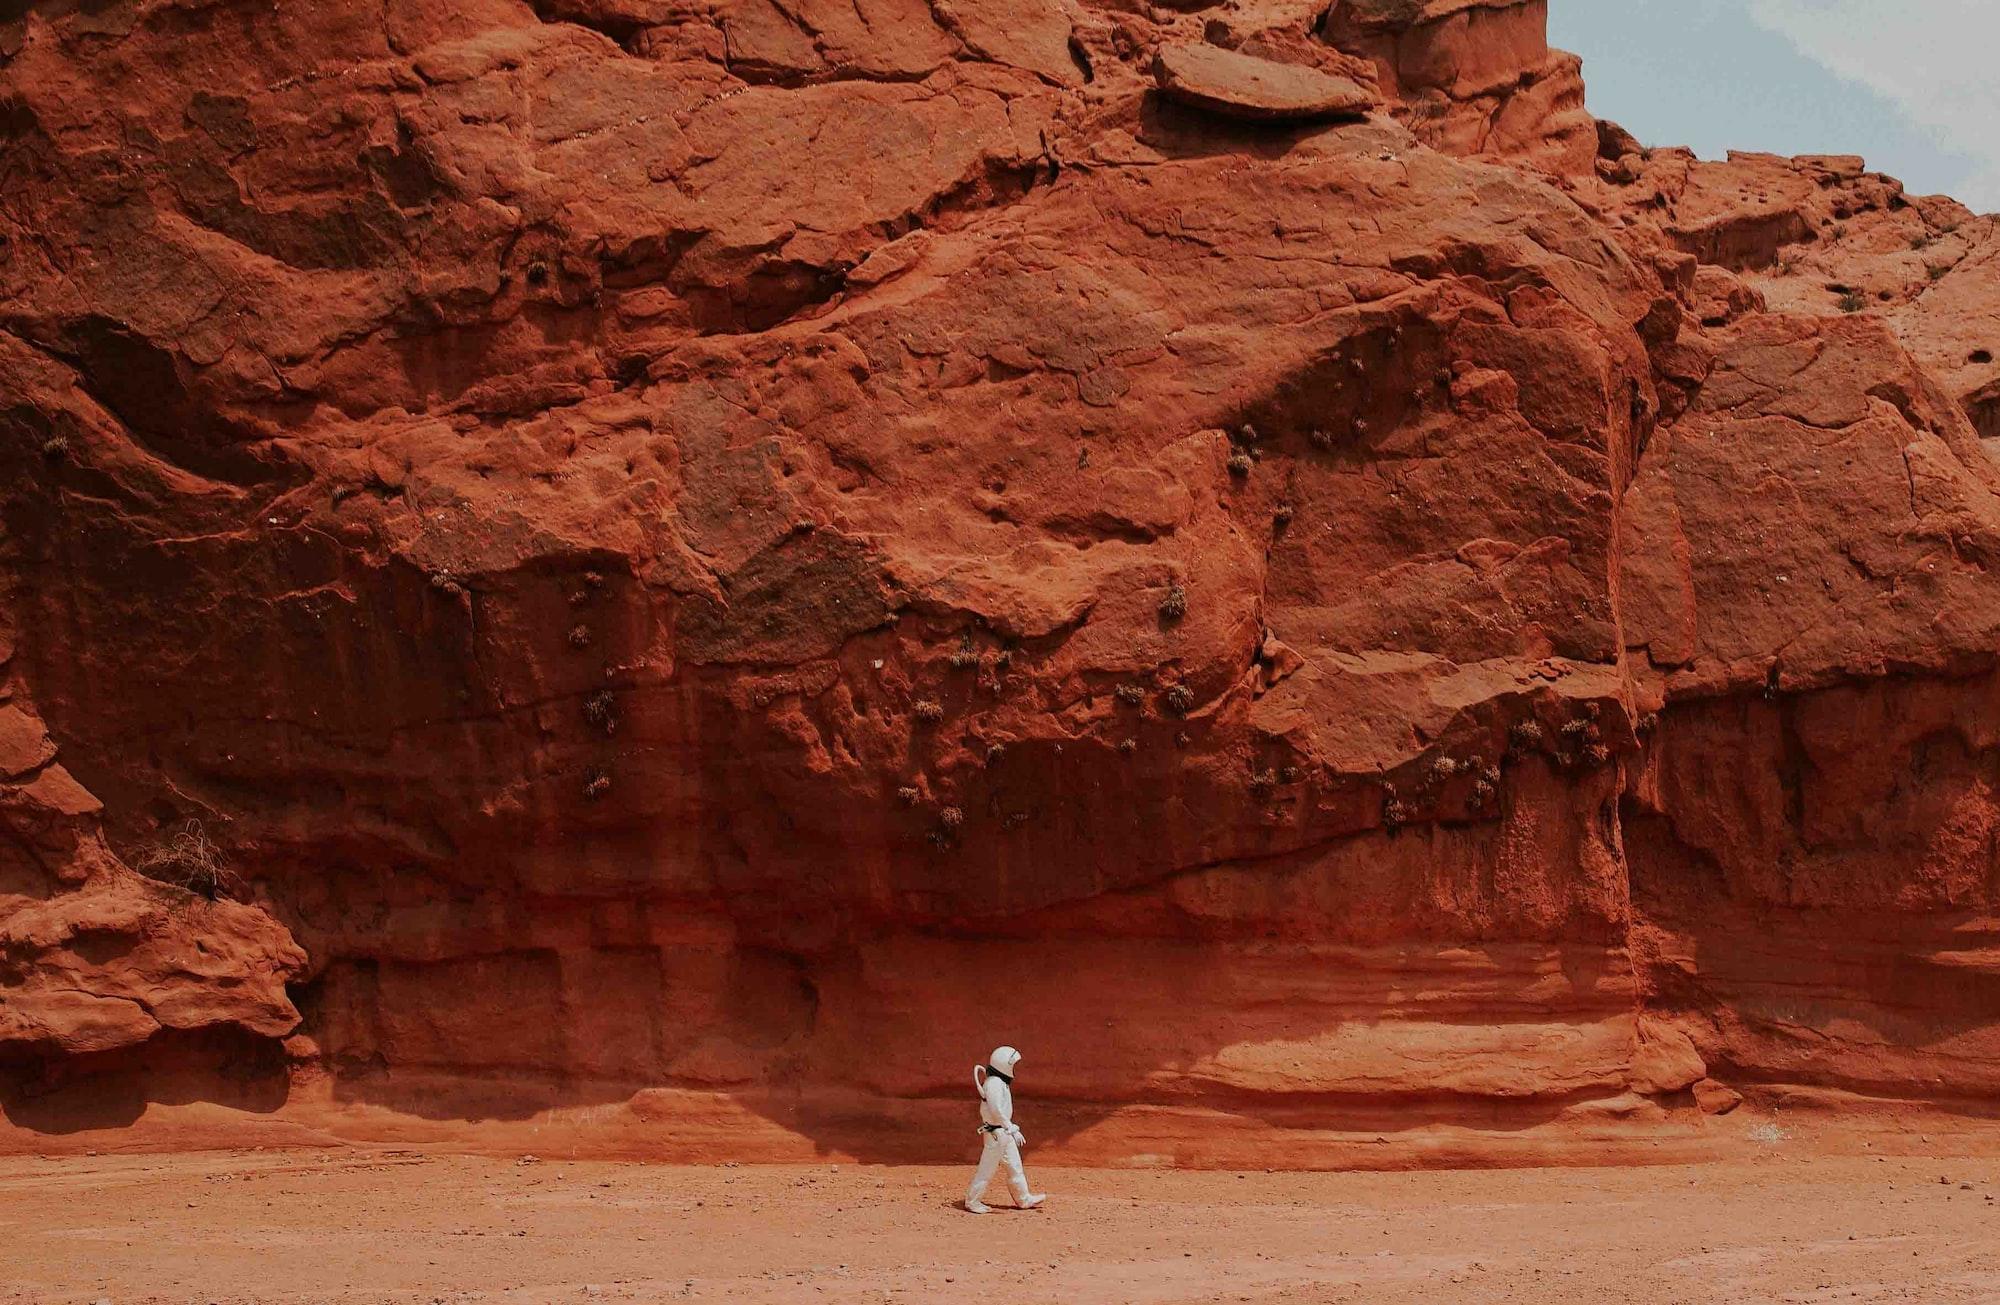 Na Marsu mohl existovat koloběh dusíku. Jeho fixovaná forma byla objevena v jednom z meteoritů